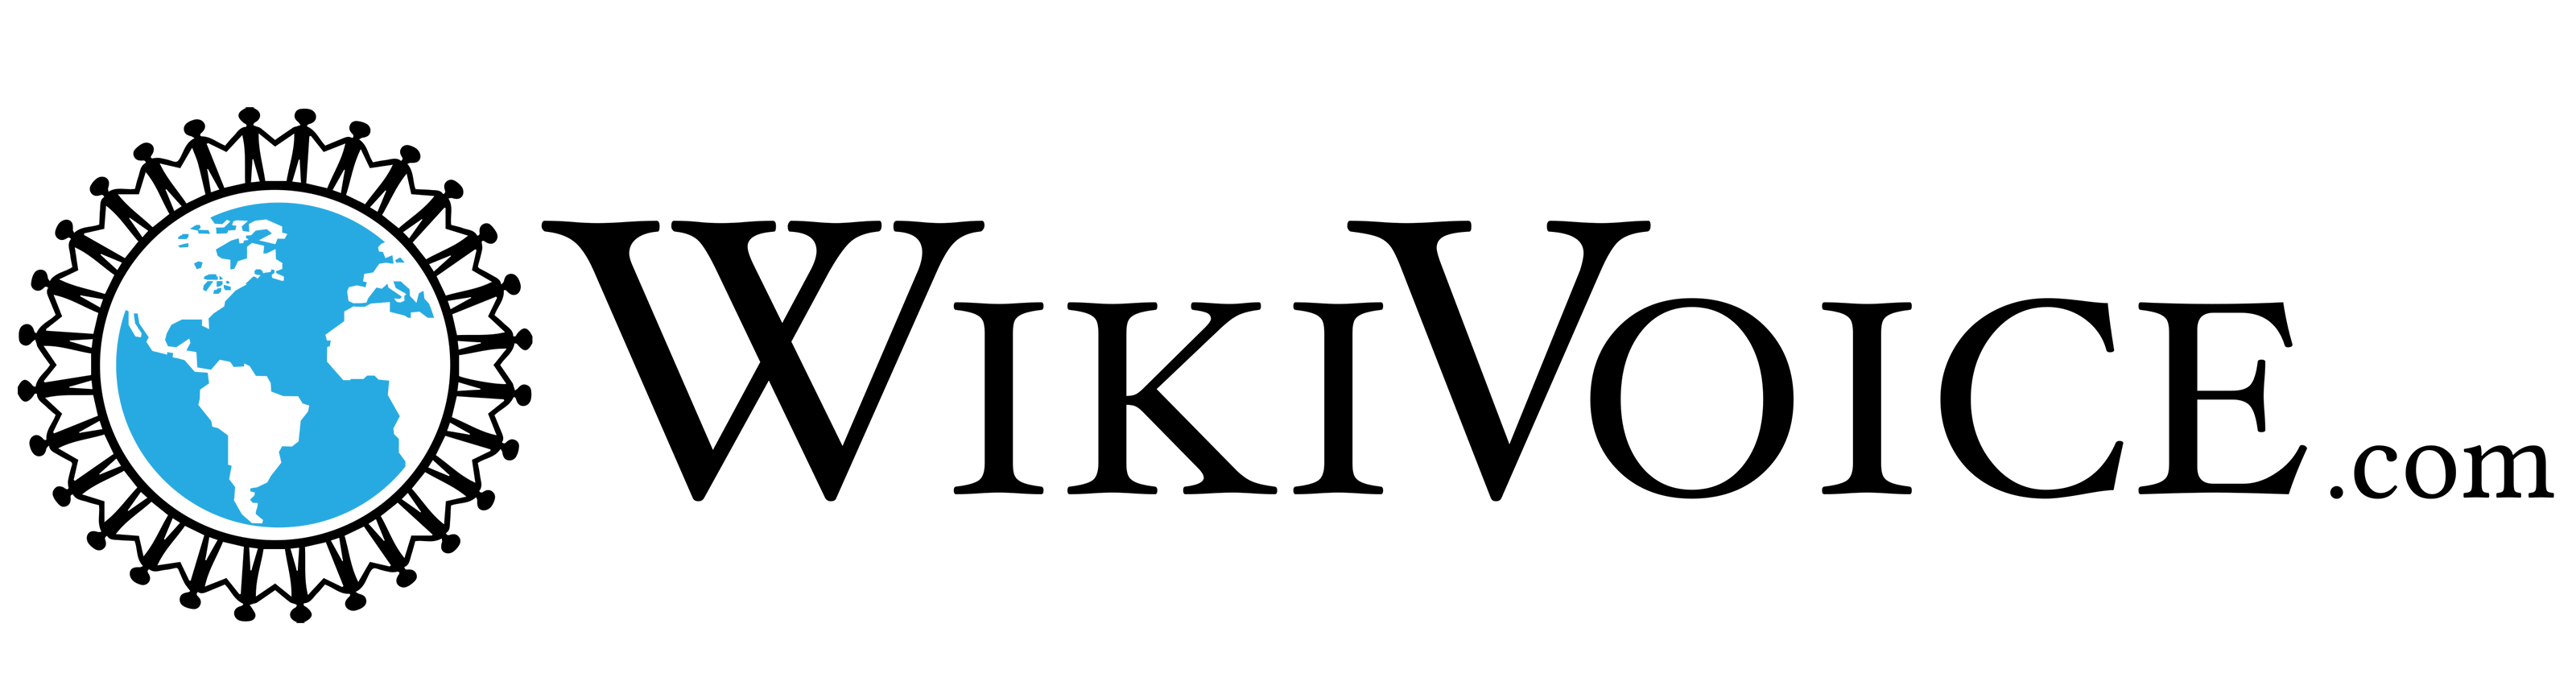 Wikivoice